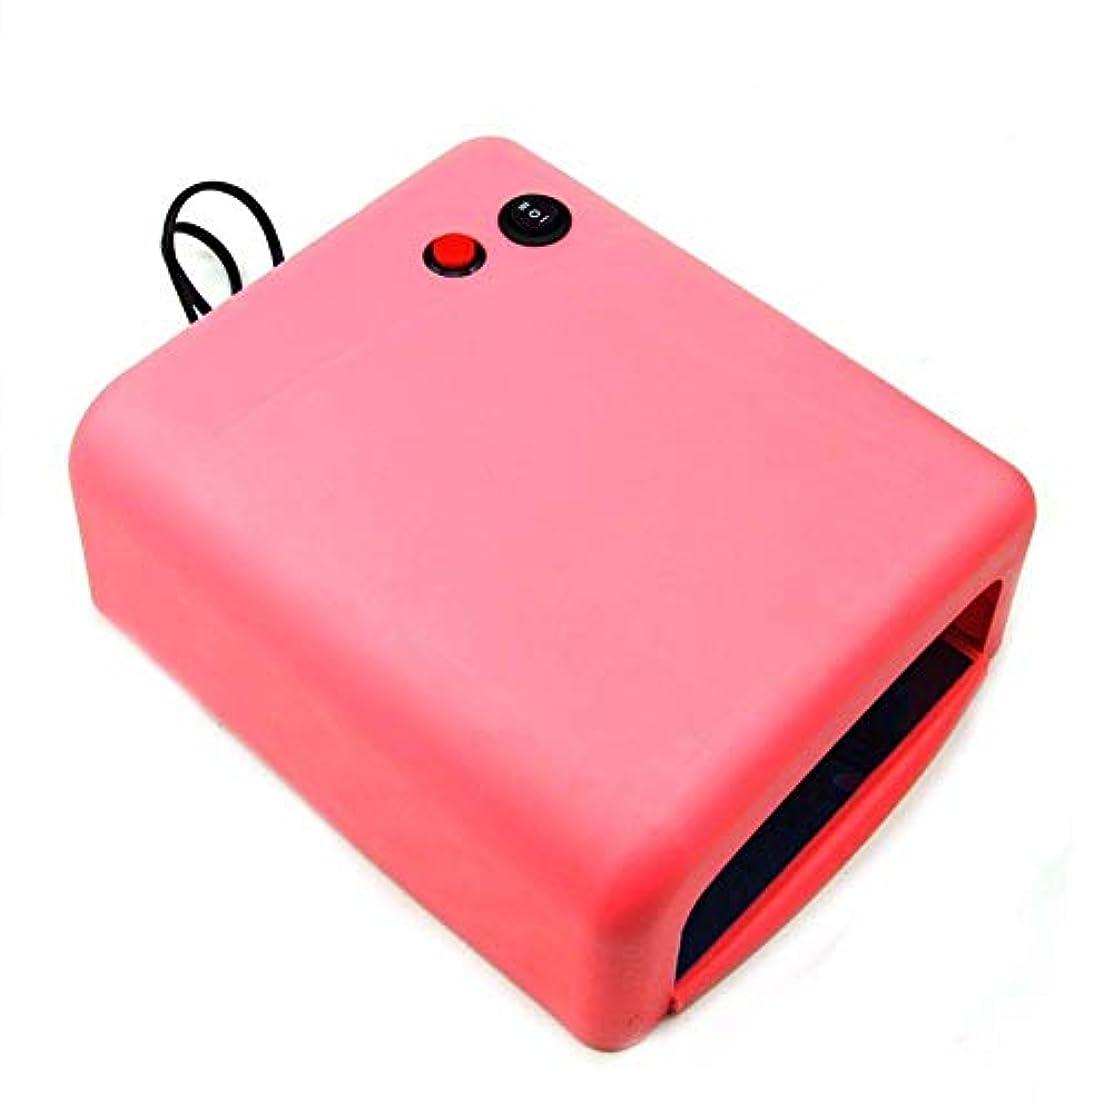 騙す泣き叫ぶ鬼ごっこネイルドライヤーネイルドライヤー36WプロのUV LEDランプネイルドライヤーポリッシュマシン用ネイルジェルEU / USプラグ4X 9Wランプピンク色、写真の色